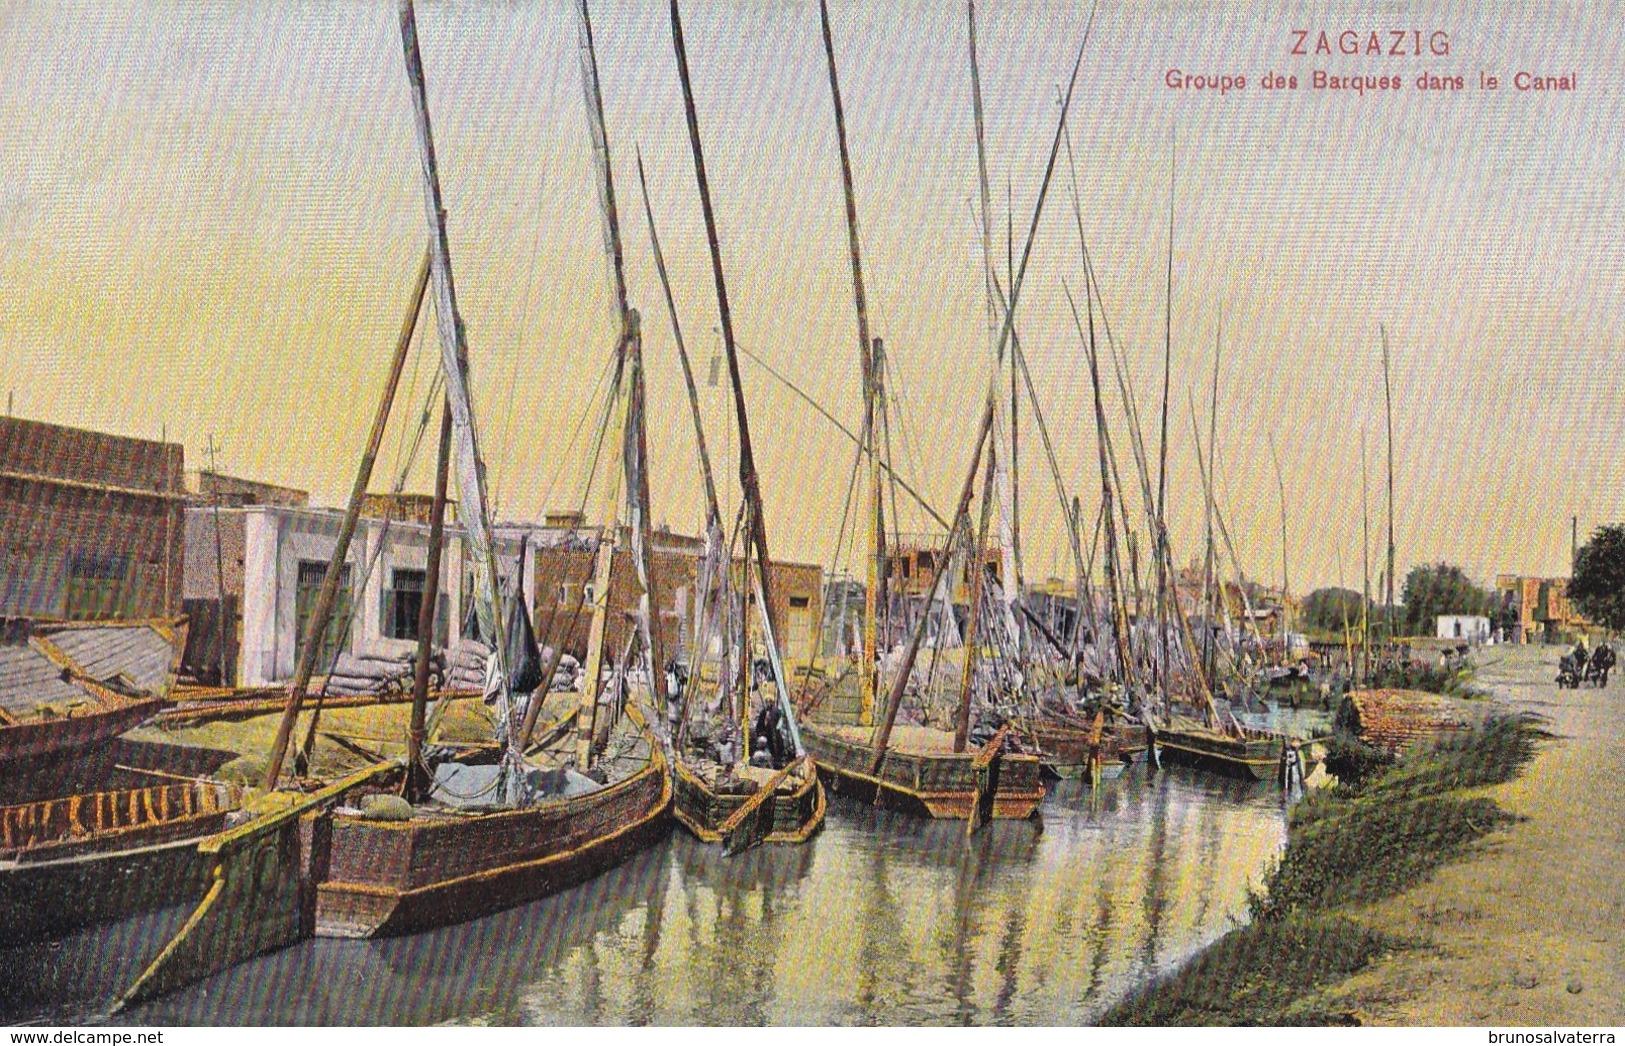 ZAGAZIG - Groupe De Barques Dans Le Canal - Zaqaziq